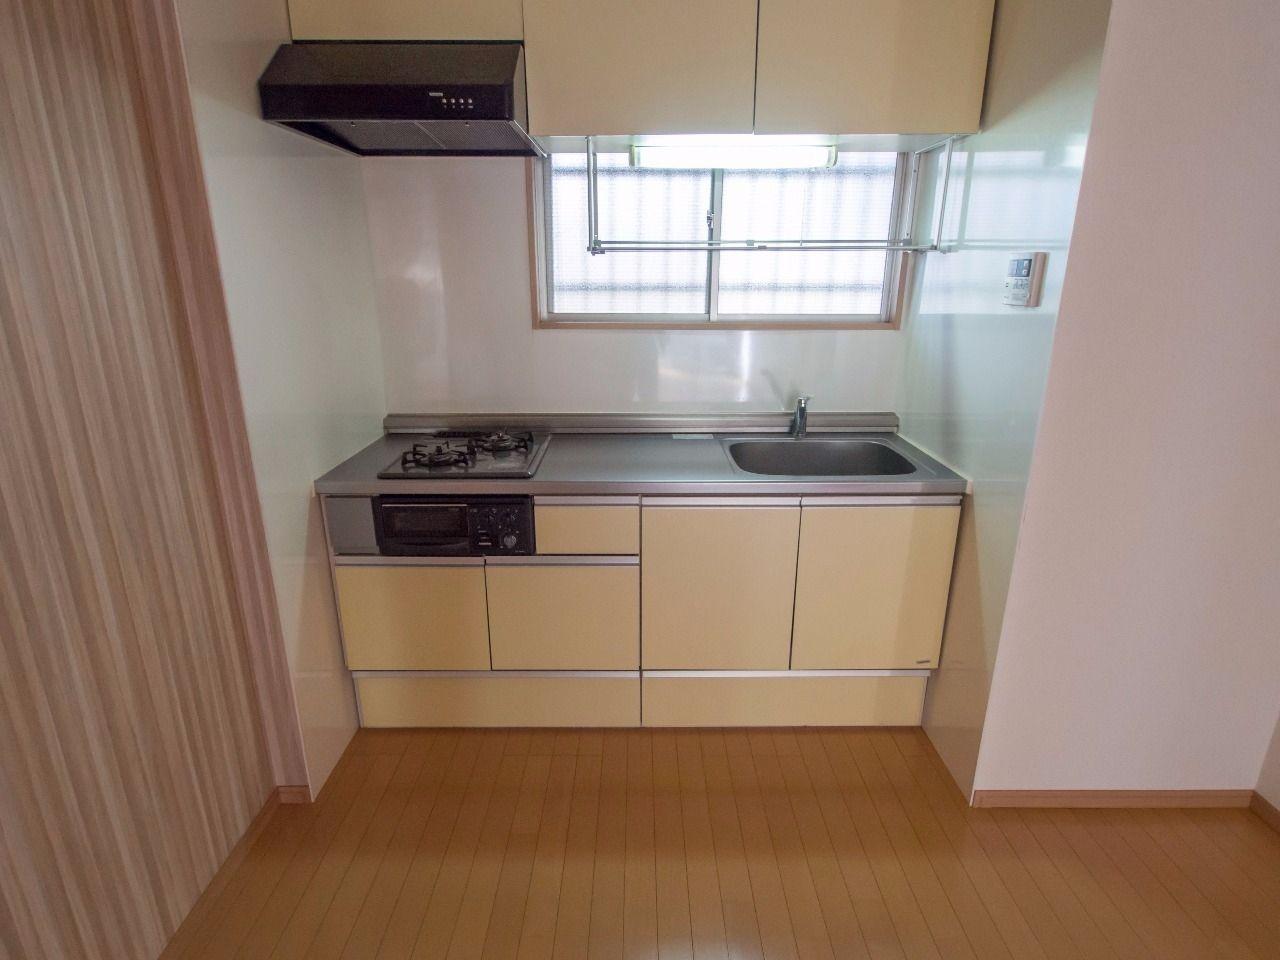 落ち着いた色味のキッチンには換気できる窓付き